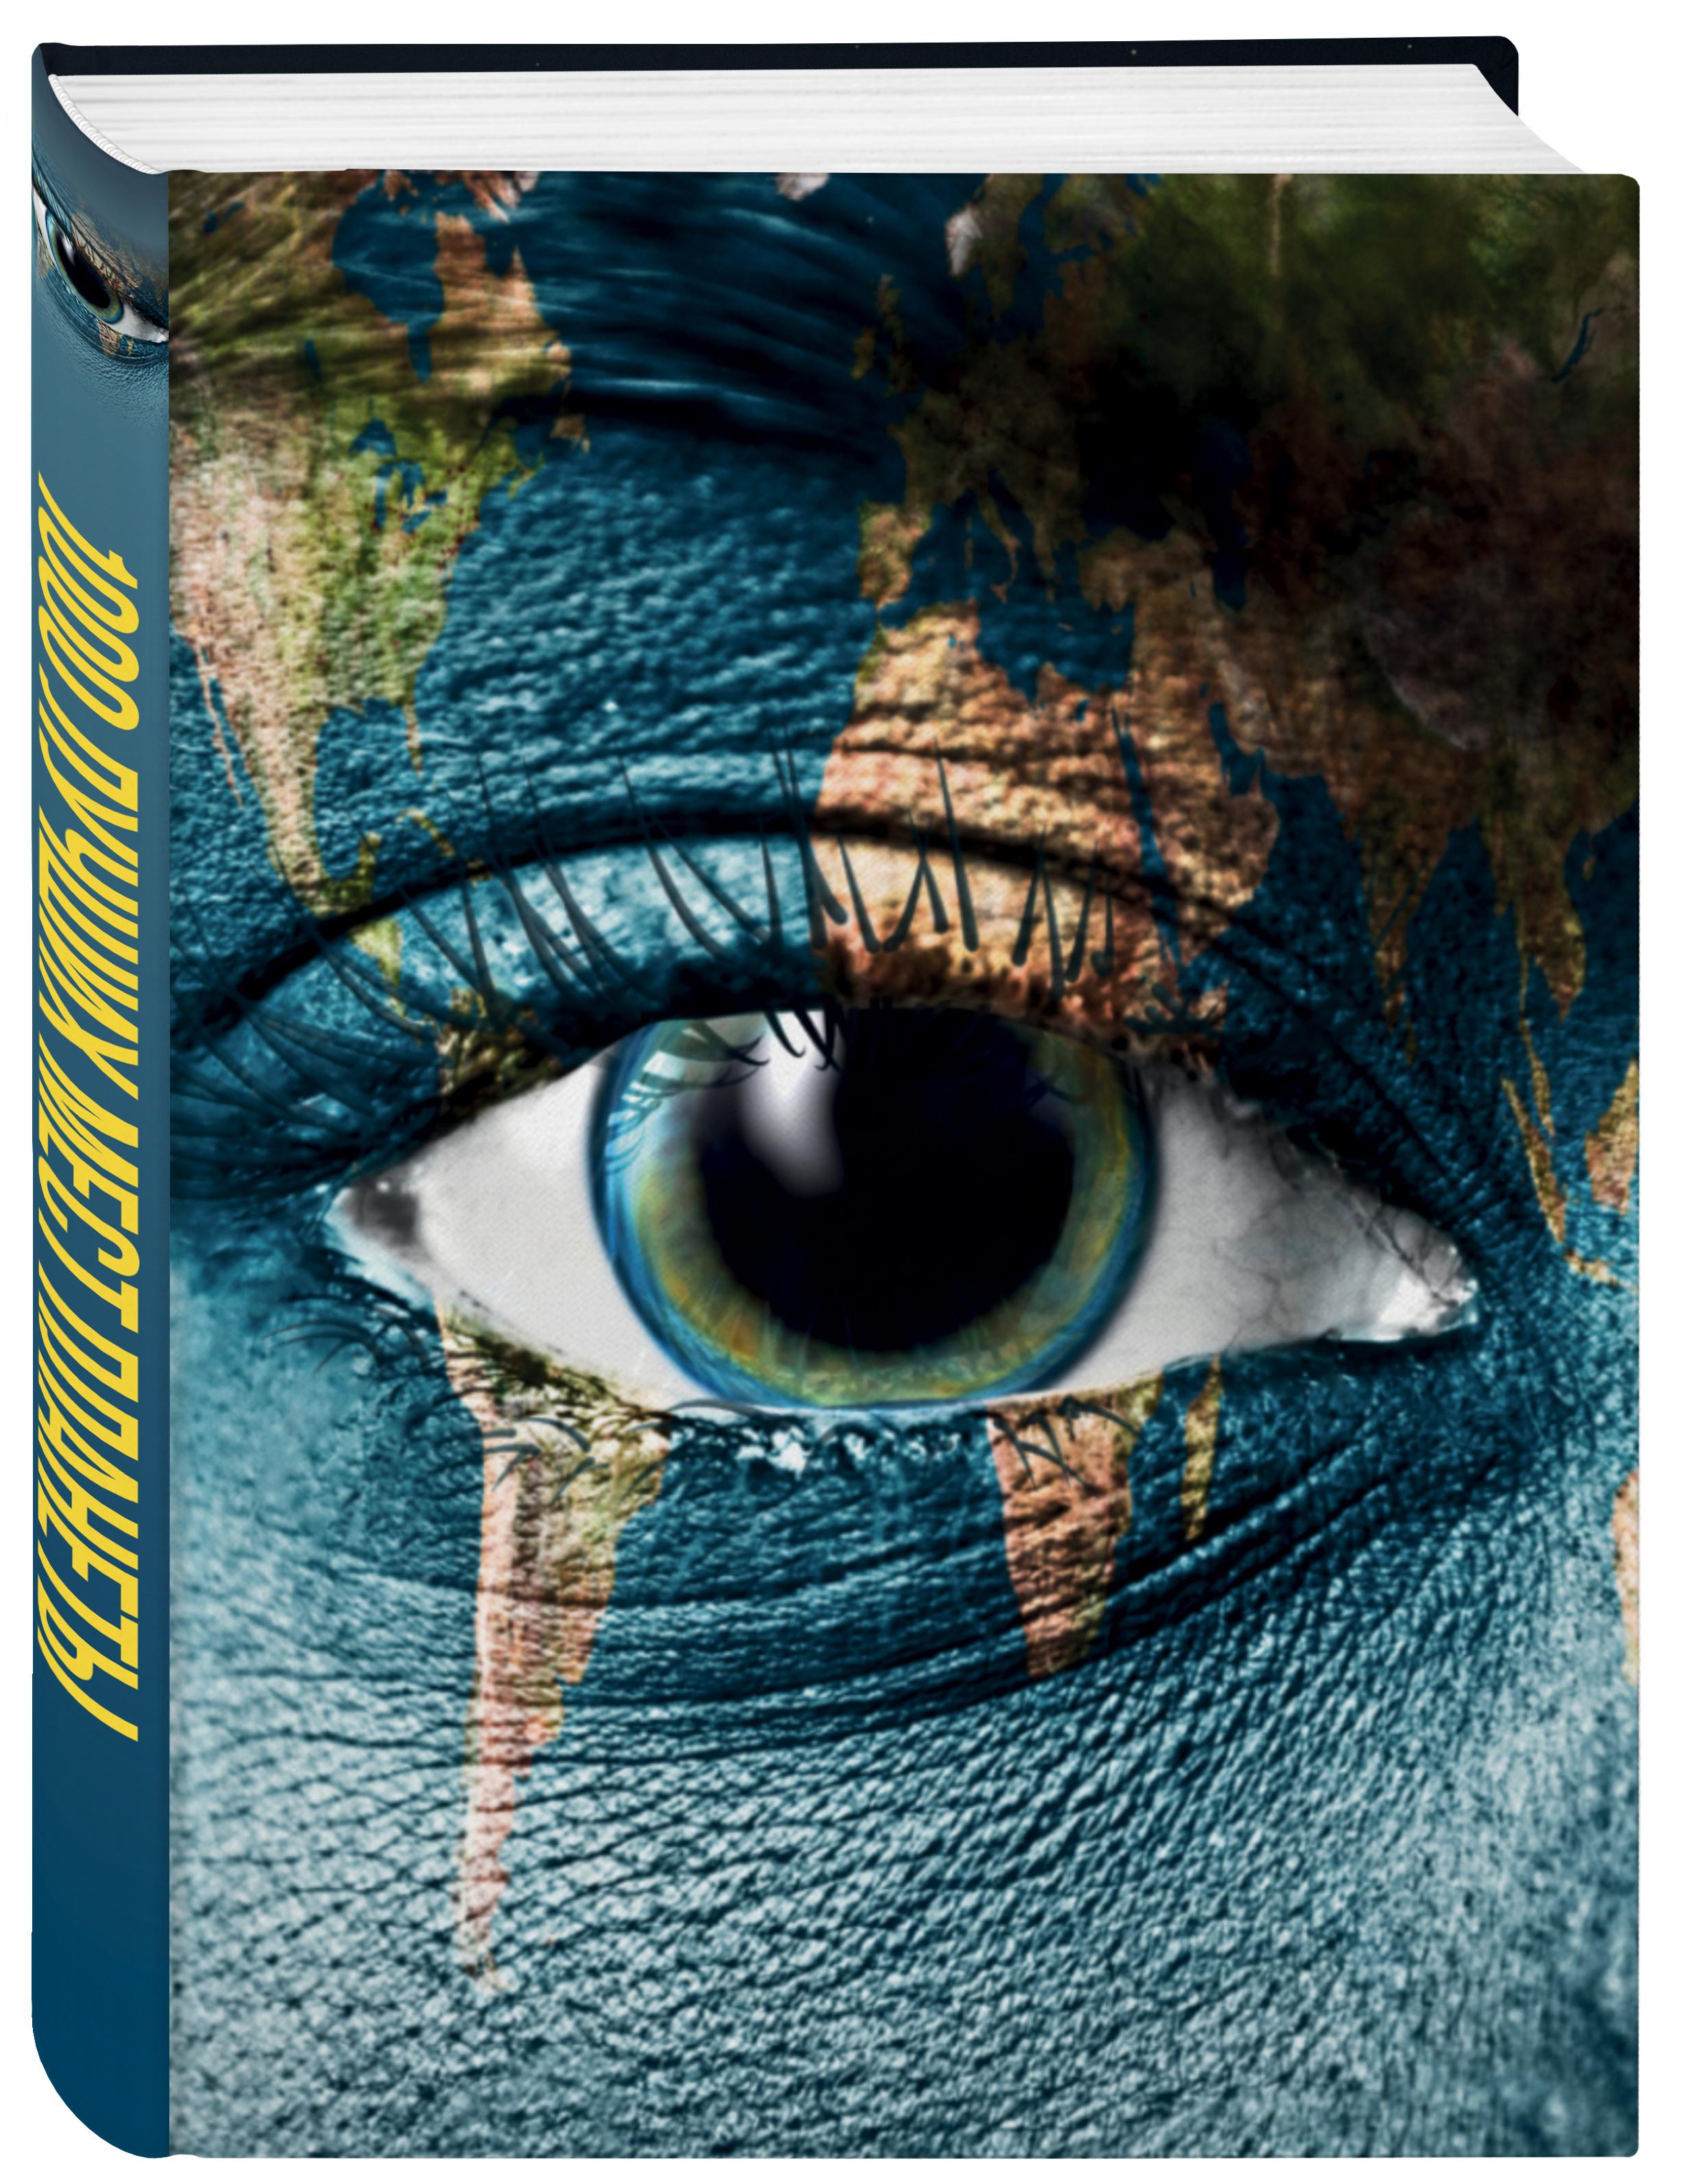 1000 лучших мест планеты, которые нужно увидеть за свою жизнь. 3-е изд. испр. и доп. (стерео-варио) 1000 лучших мест планеты стерео варио